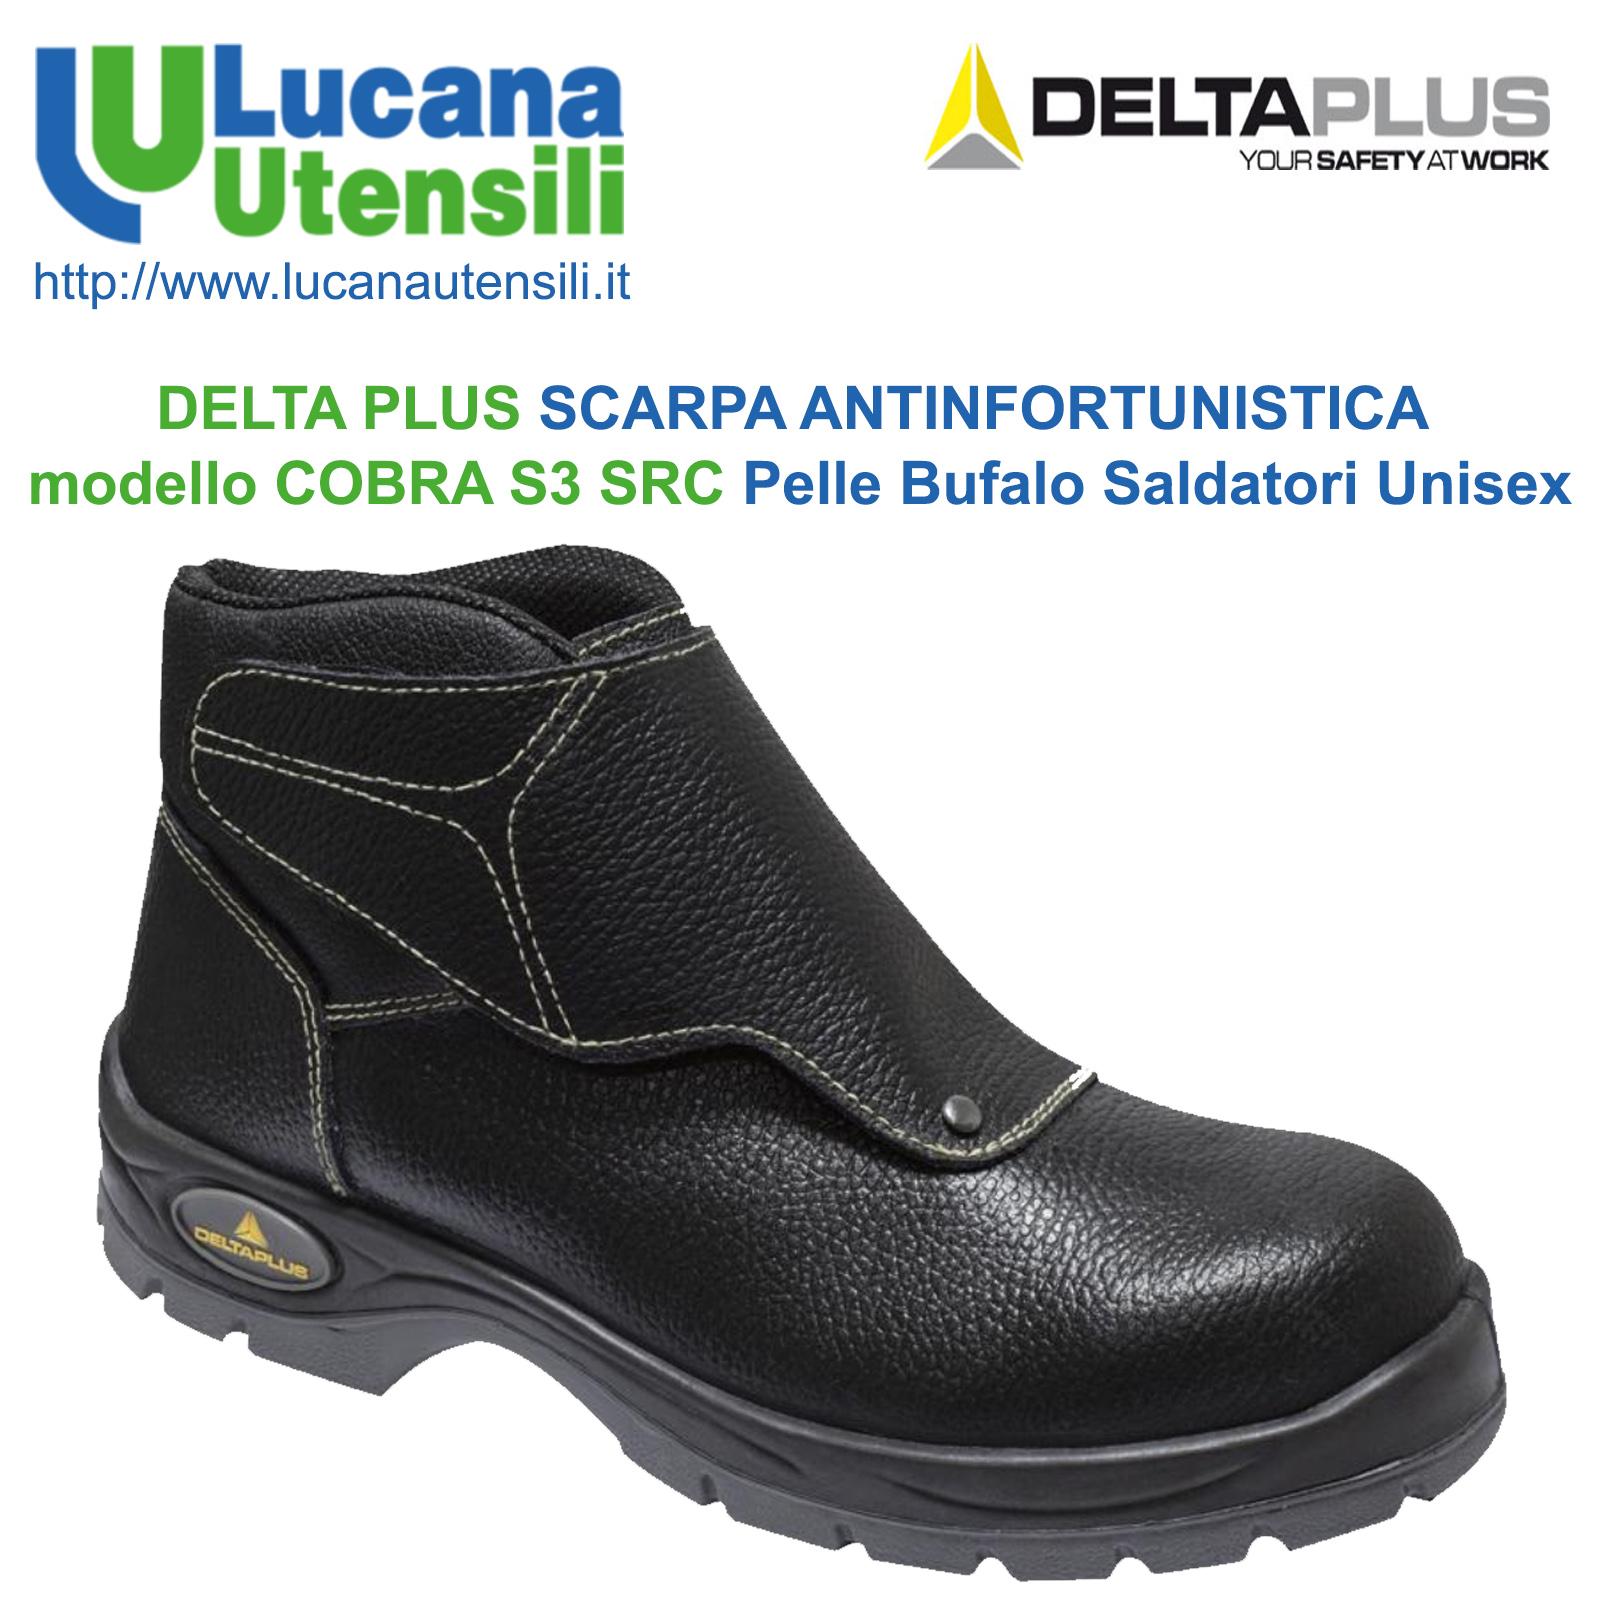 69da5f20c DELTA PLUS SCARPA ANTINFORTUNISTICA modello COBRA S3 SRC in Pelle per  Saldatori ...